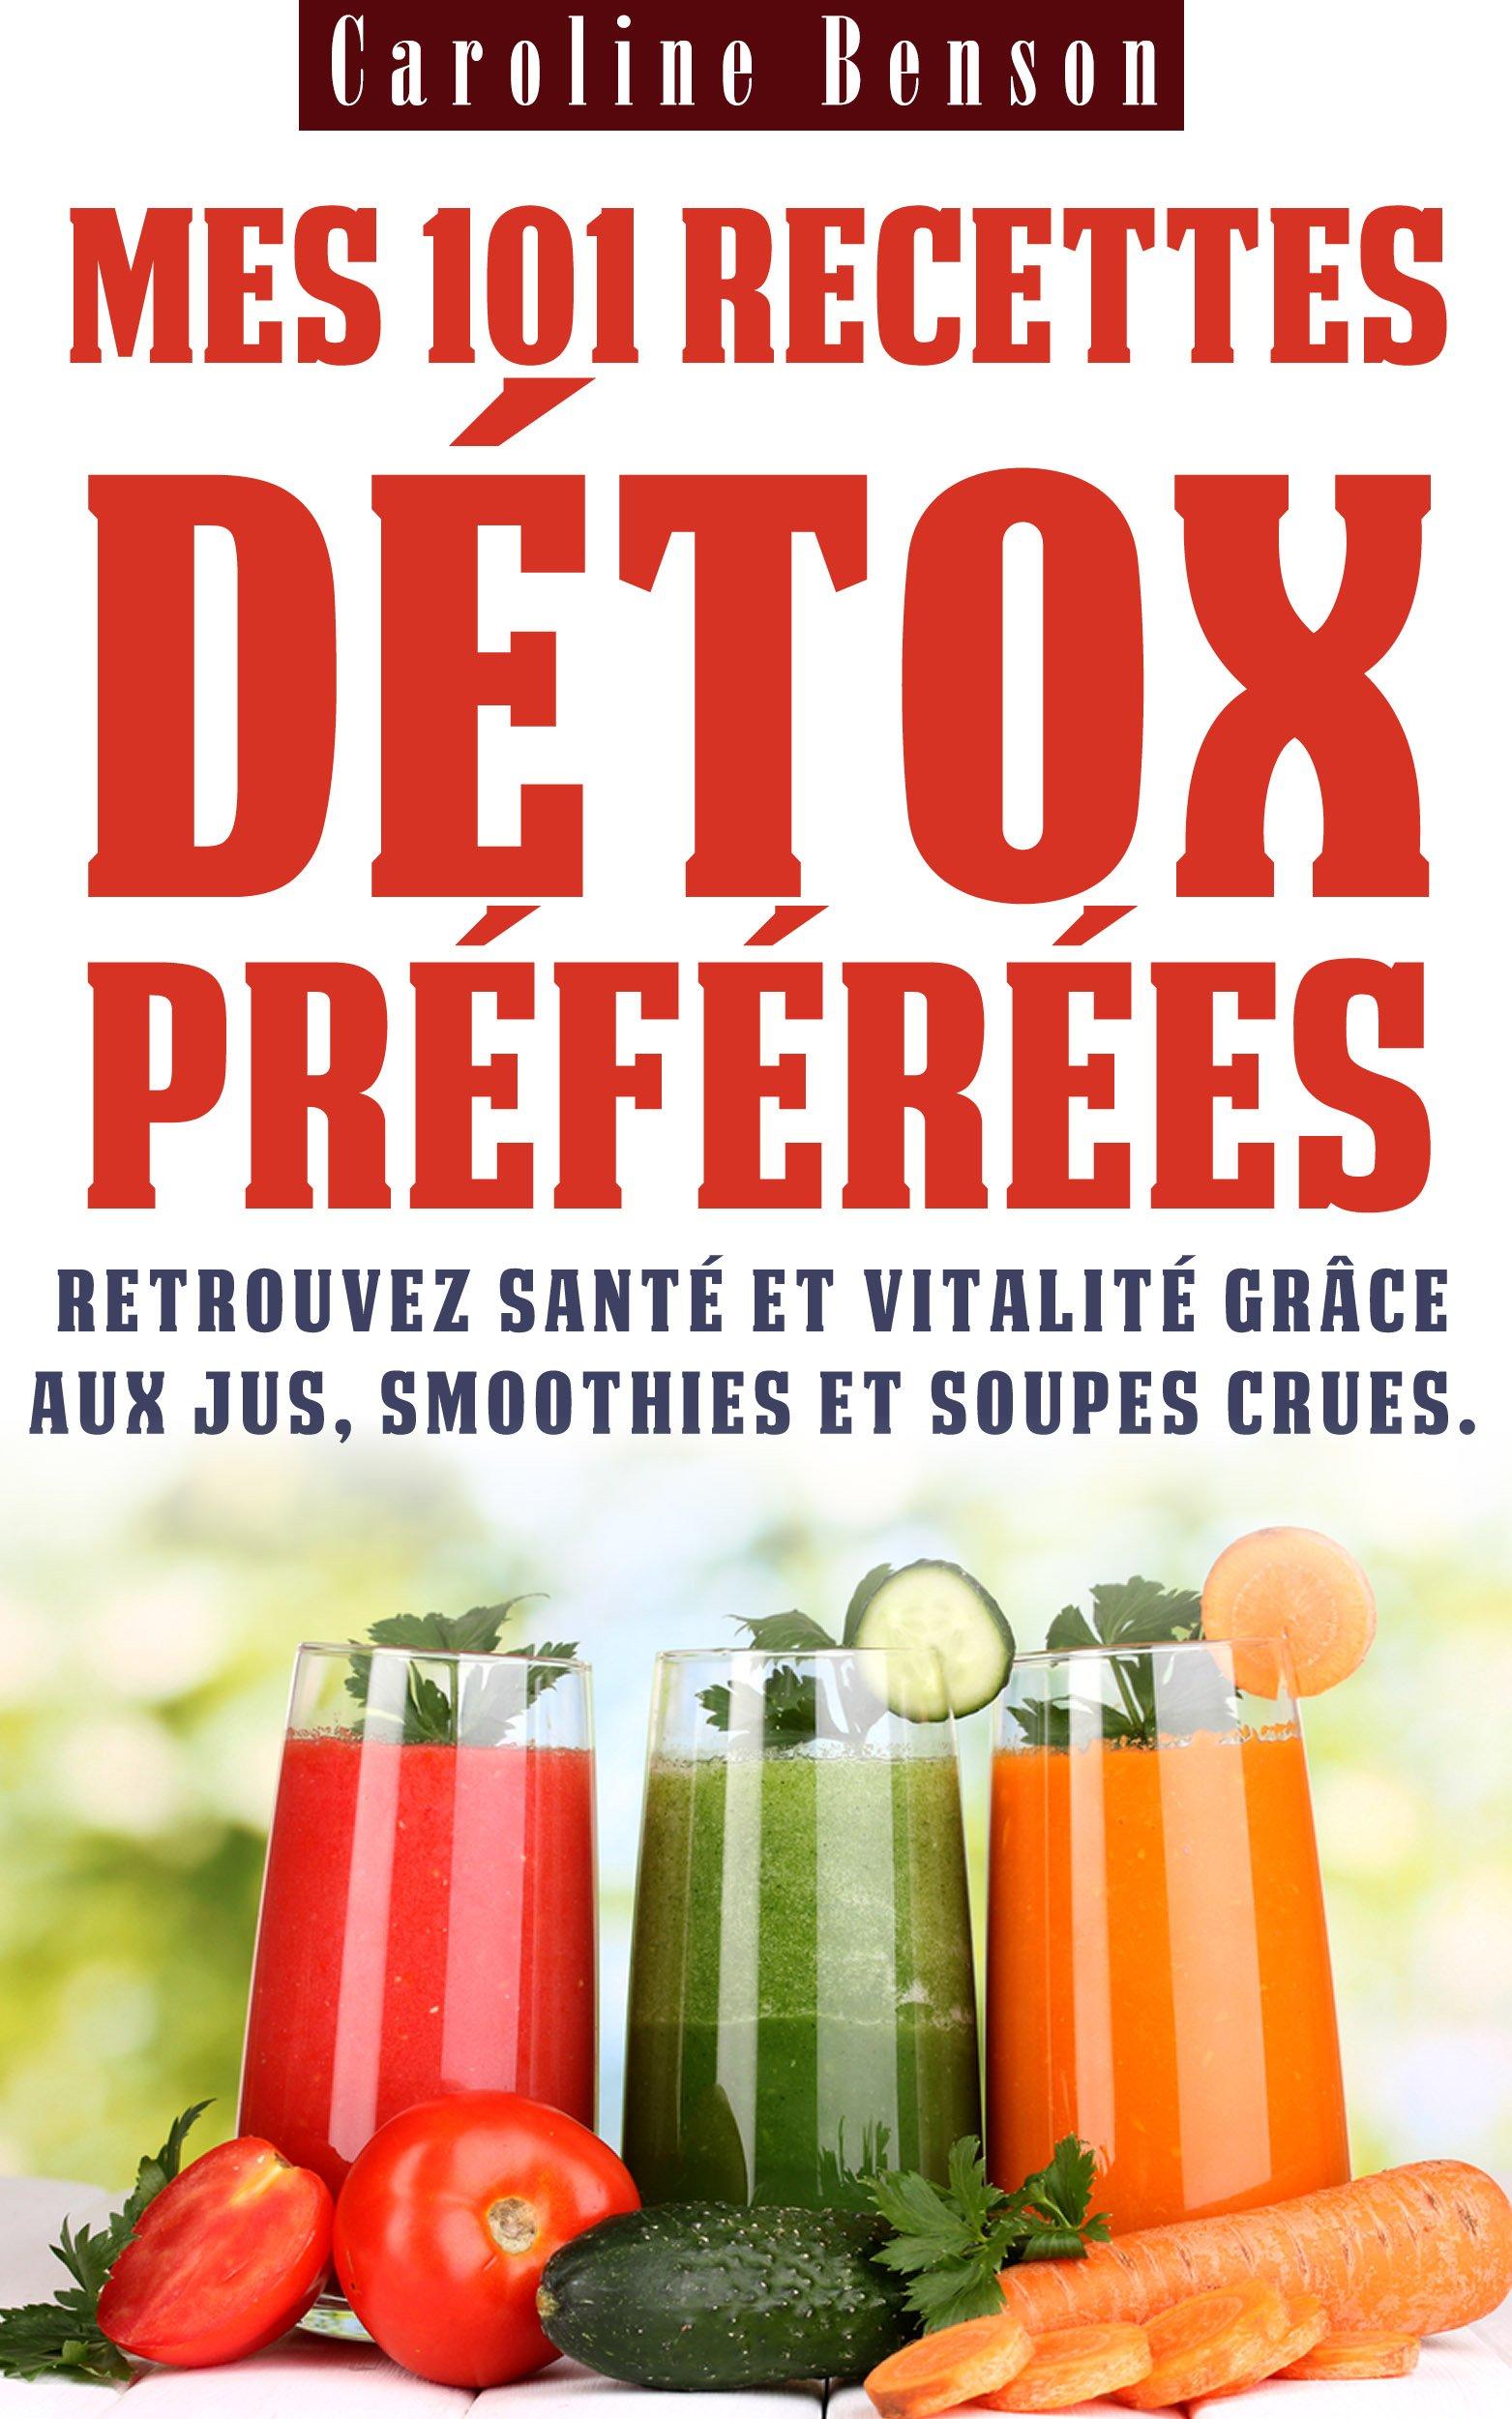 Mes 101 recettes détox préférées: Retrouvez santé et vitalité grâce aux jus, smoothies et soupes crues ! (Santé totale t. 3) por Caroline Benson